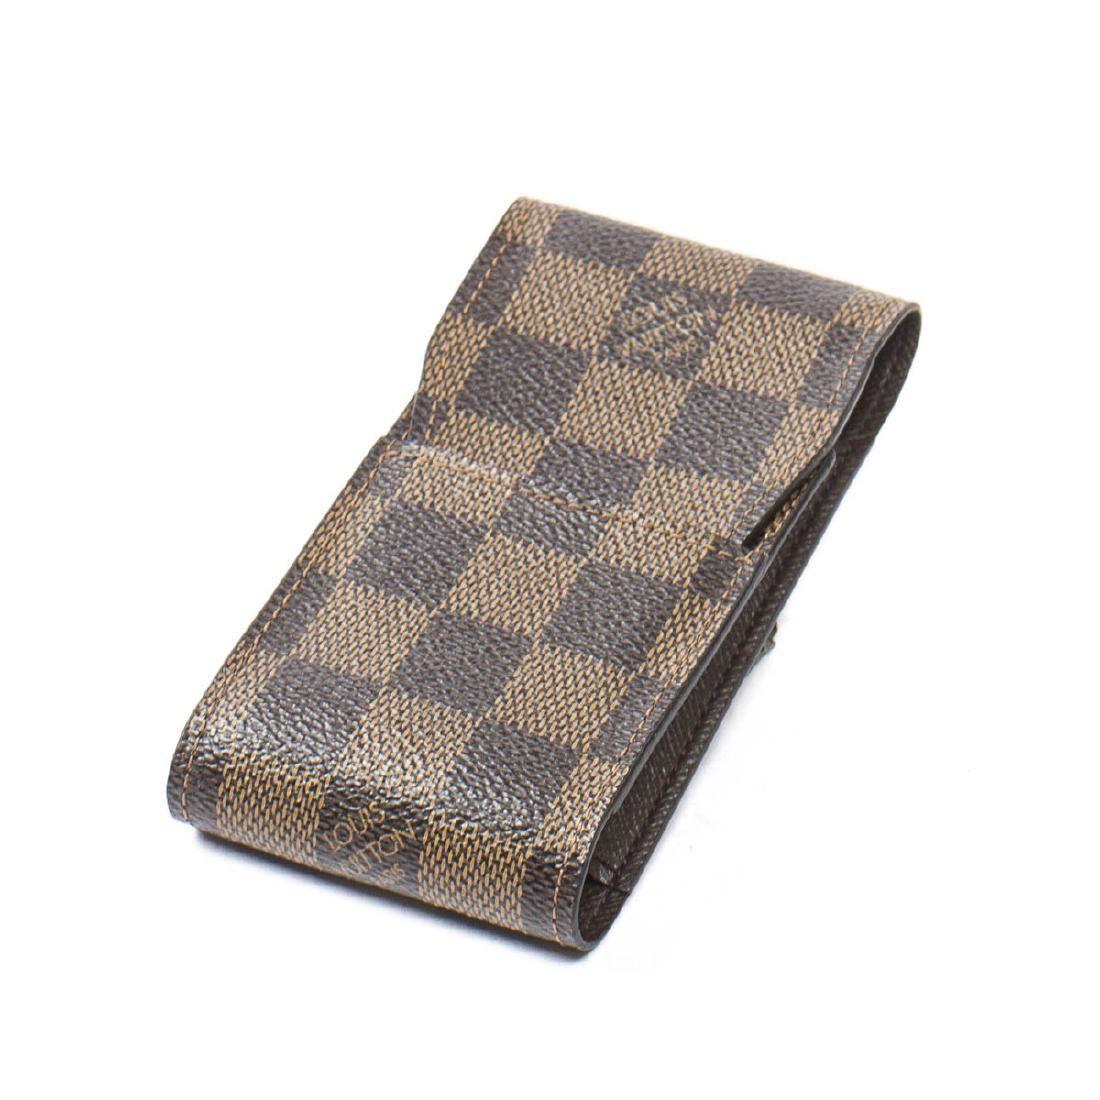 a91c3b4b52 LOUIS VUITTON Cigarette Case